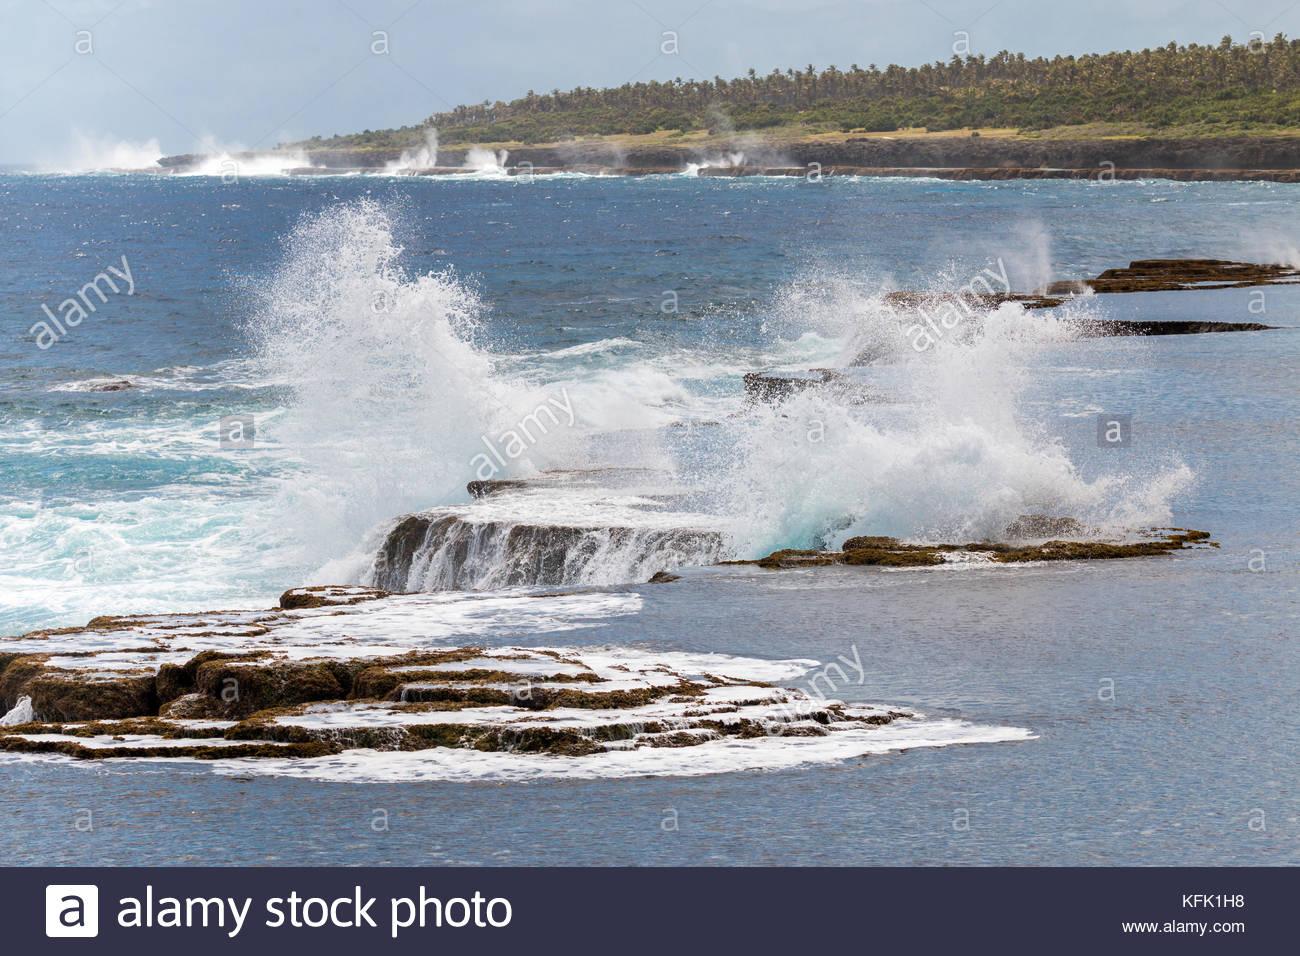 Mapu'a 'a Vaea Blowholes-3, Tongatapu, Tonga - Stock Image